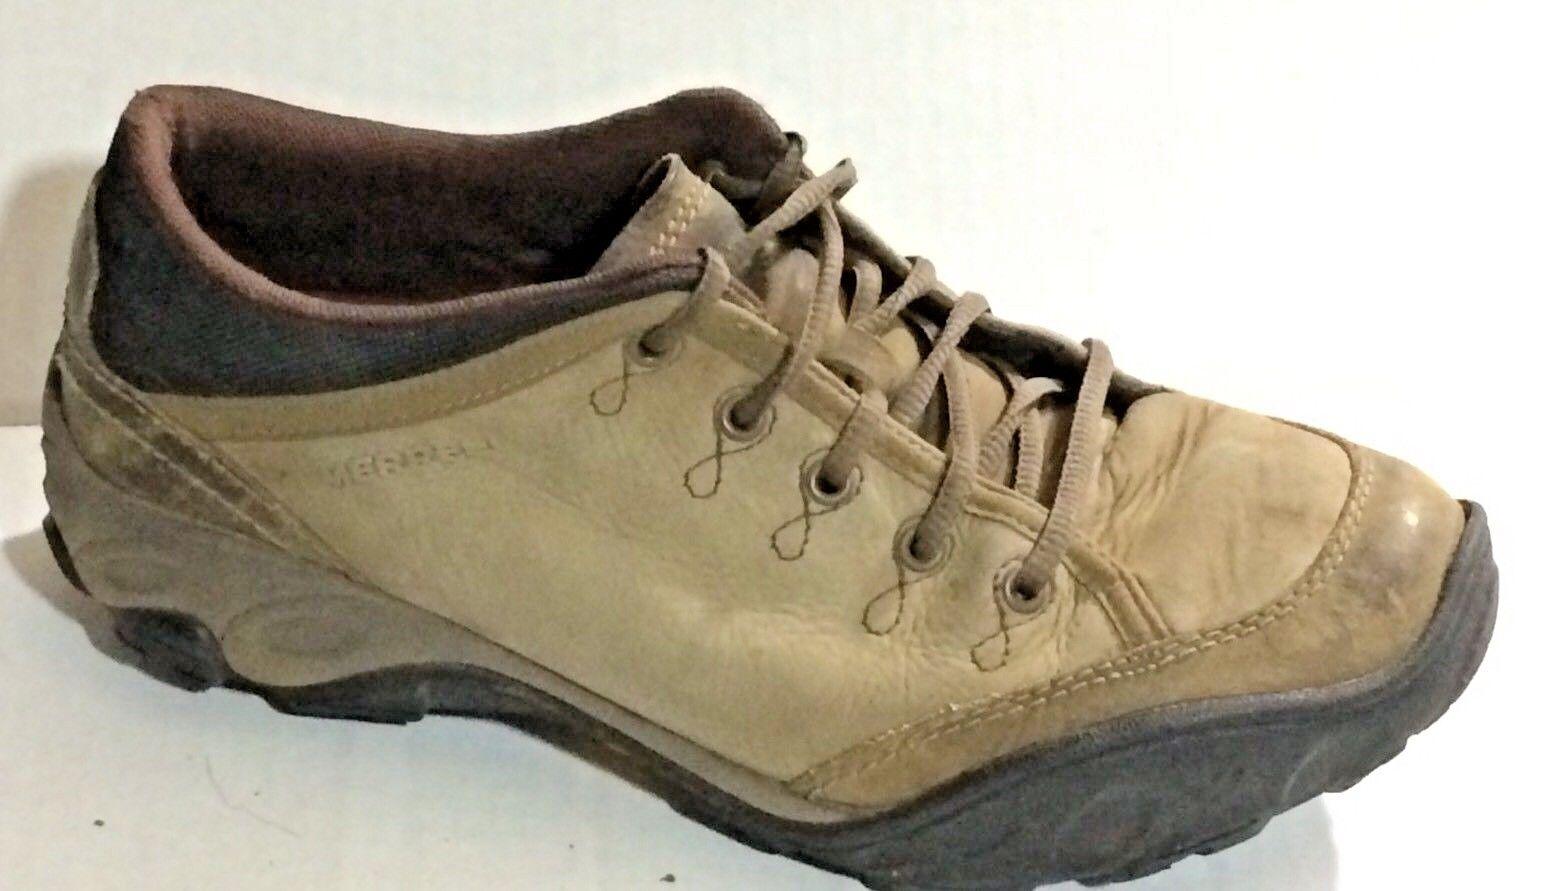 MERRELL Quartz Brown All Terrain 8 Walking Hiking Shoe Womens 8 Terrain Med Leather Vibram 180c58